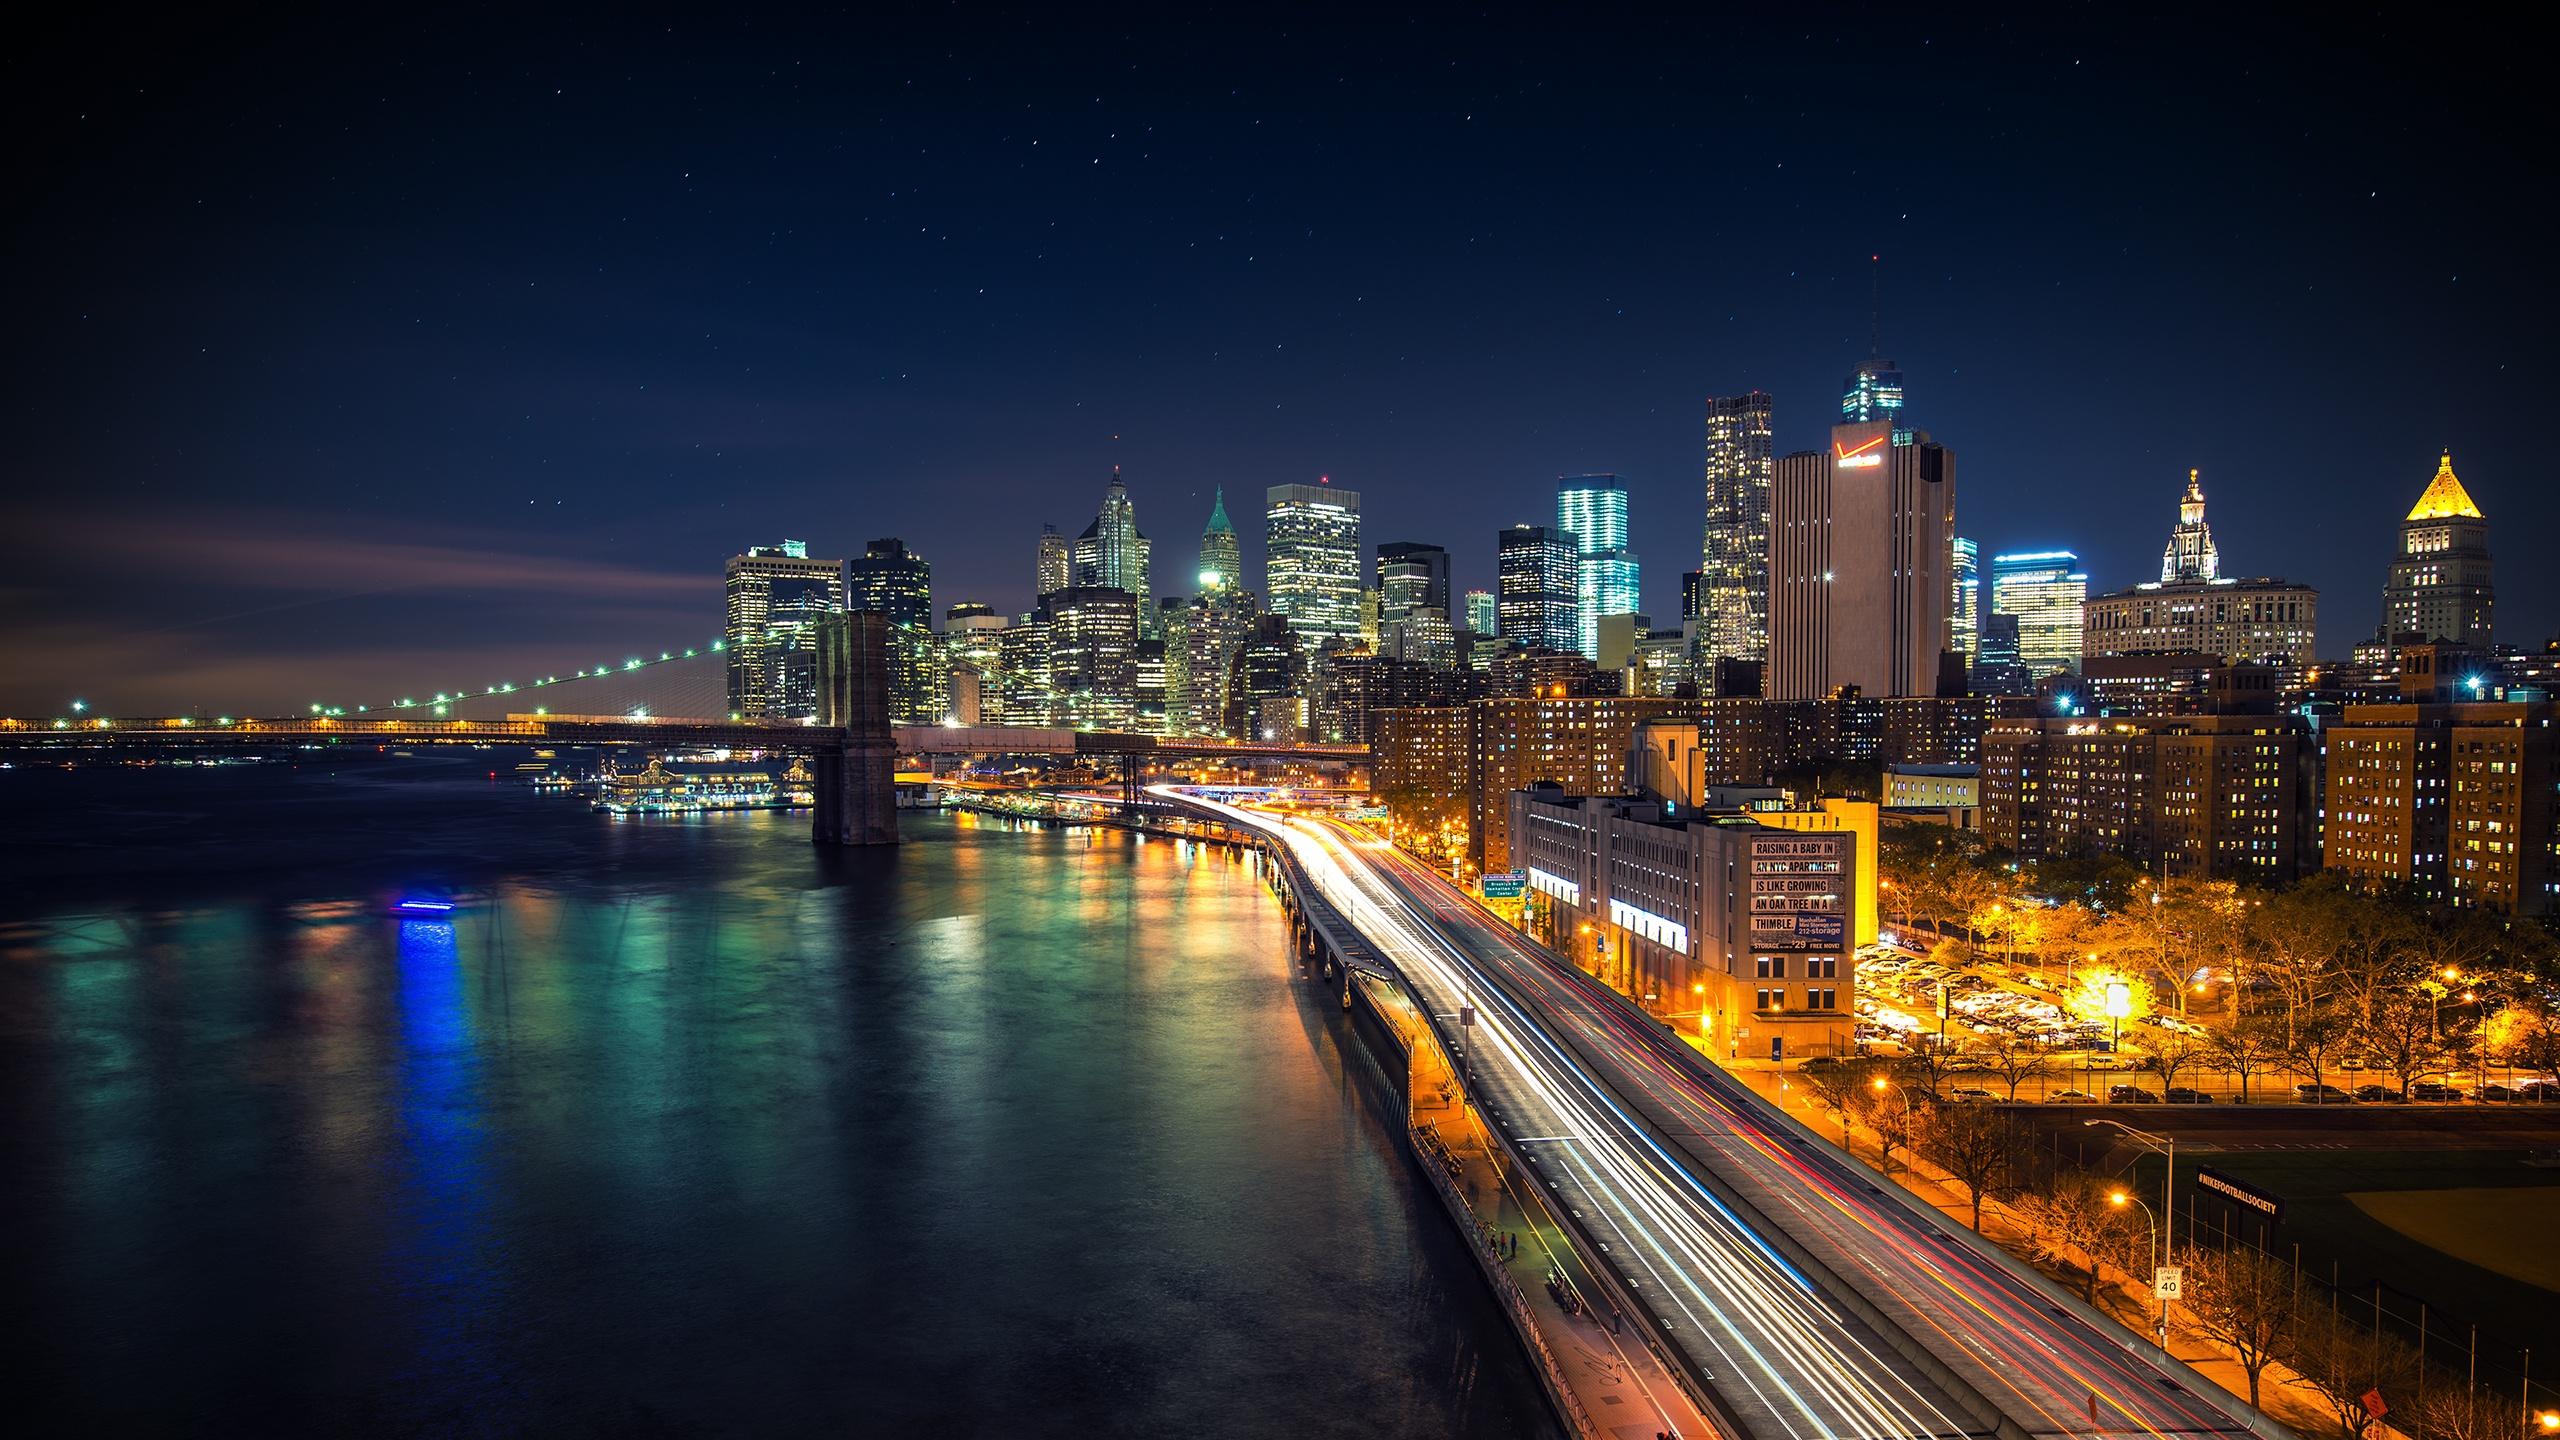 manhattan nights cityscape wallpaper Desktop Backgrounds 2560x1440